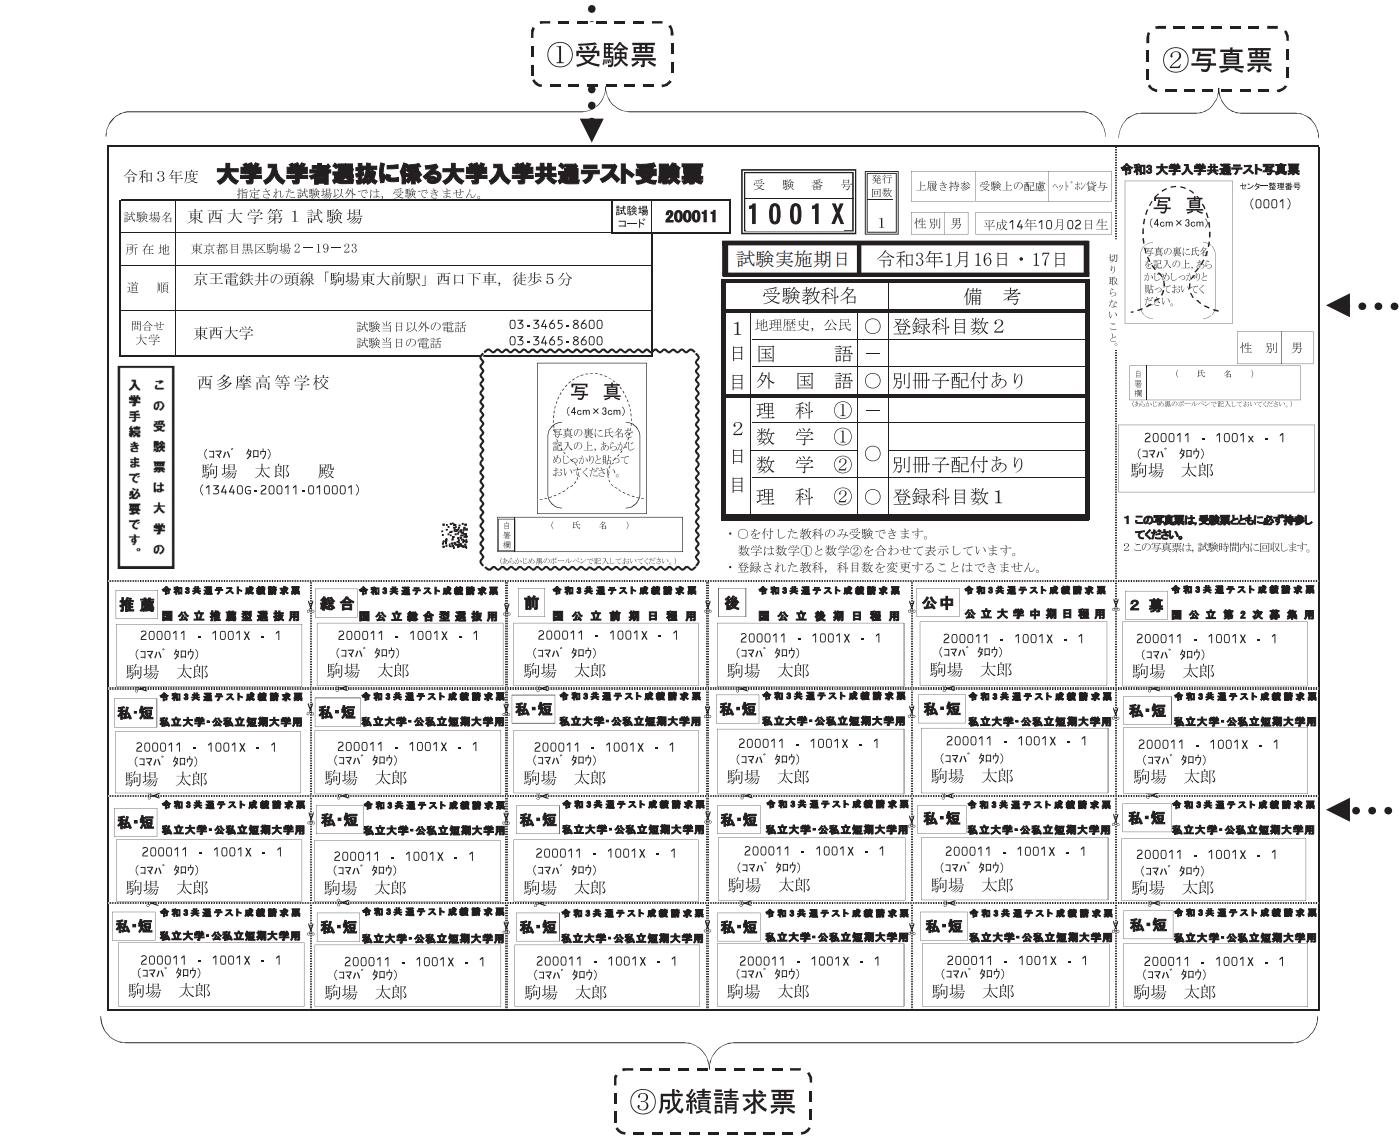 共通テスト受験票